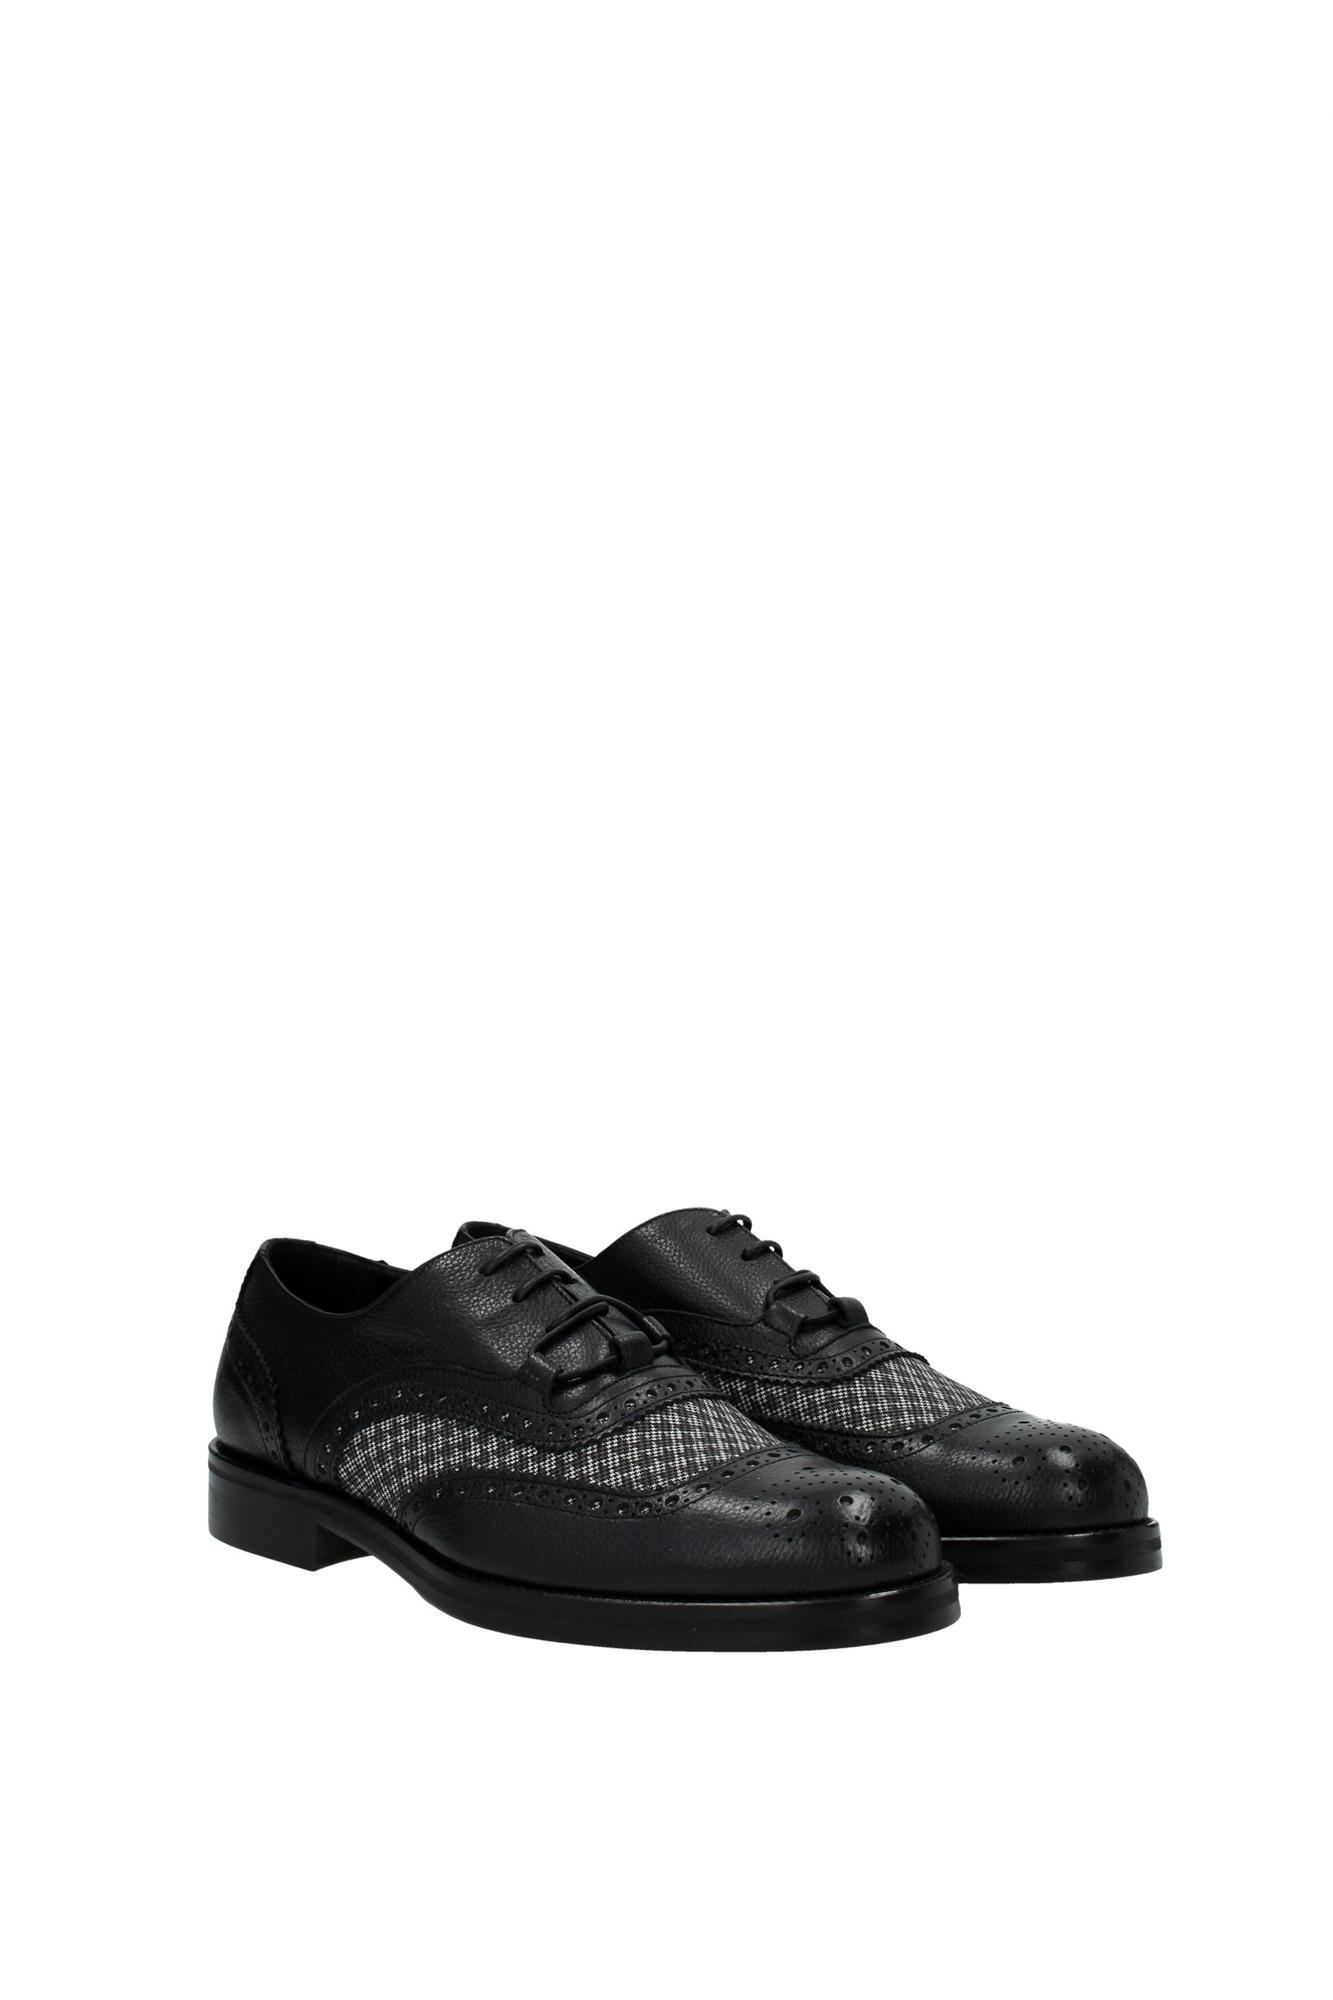 lace up shoes armani collezioni leather black